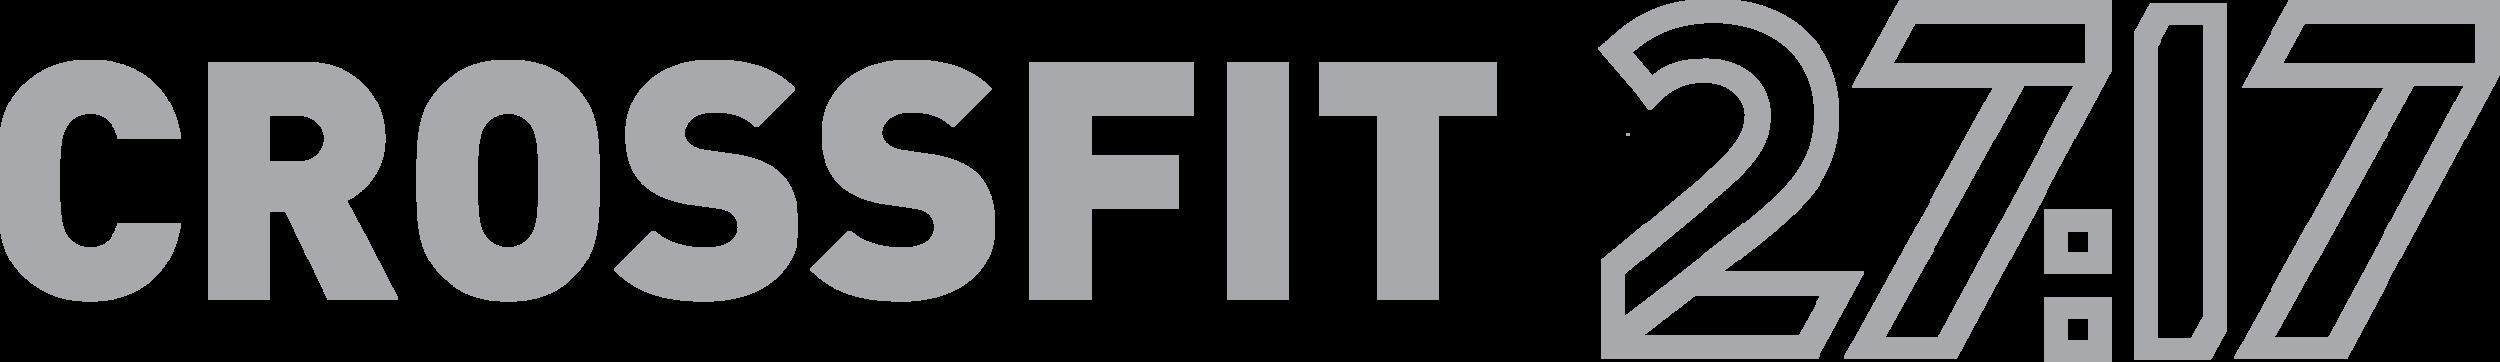 Crossfit 2717 Logo.png